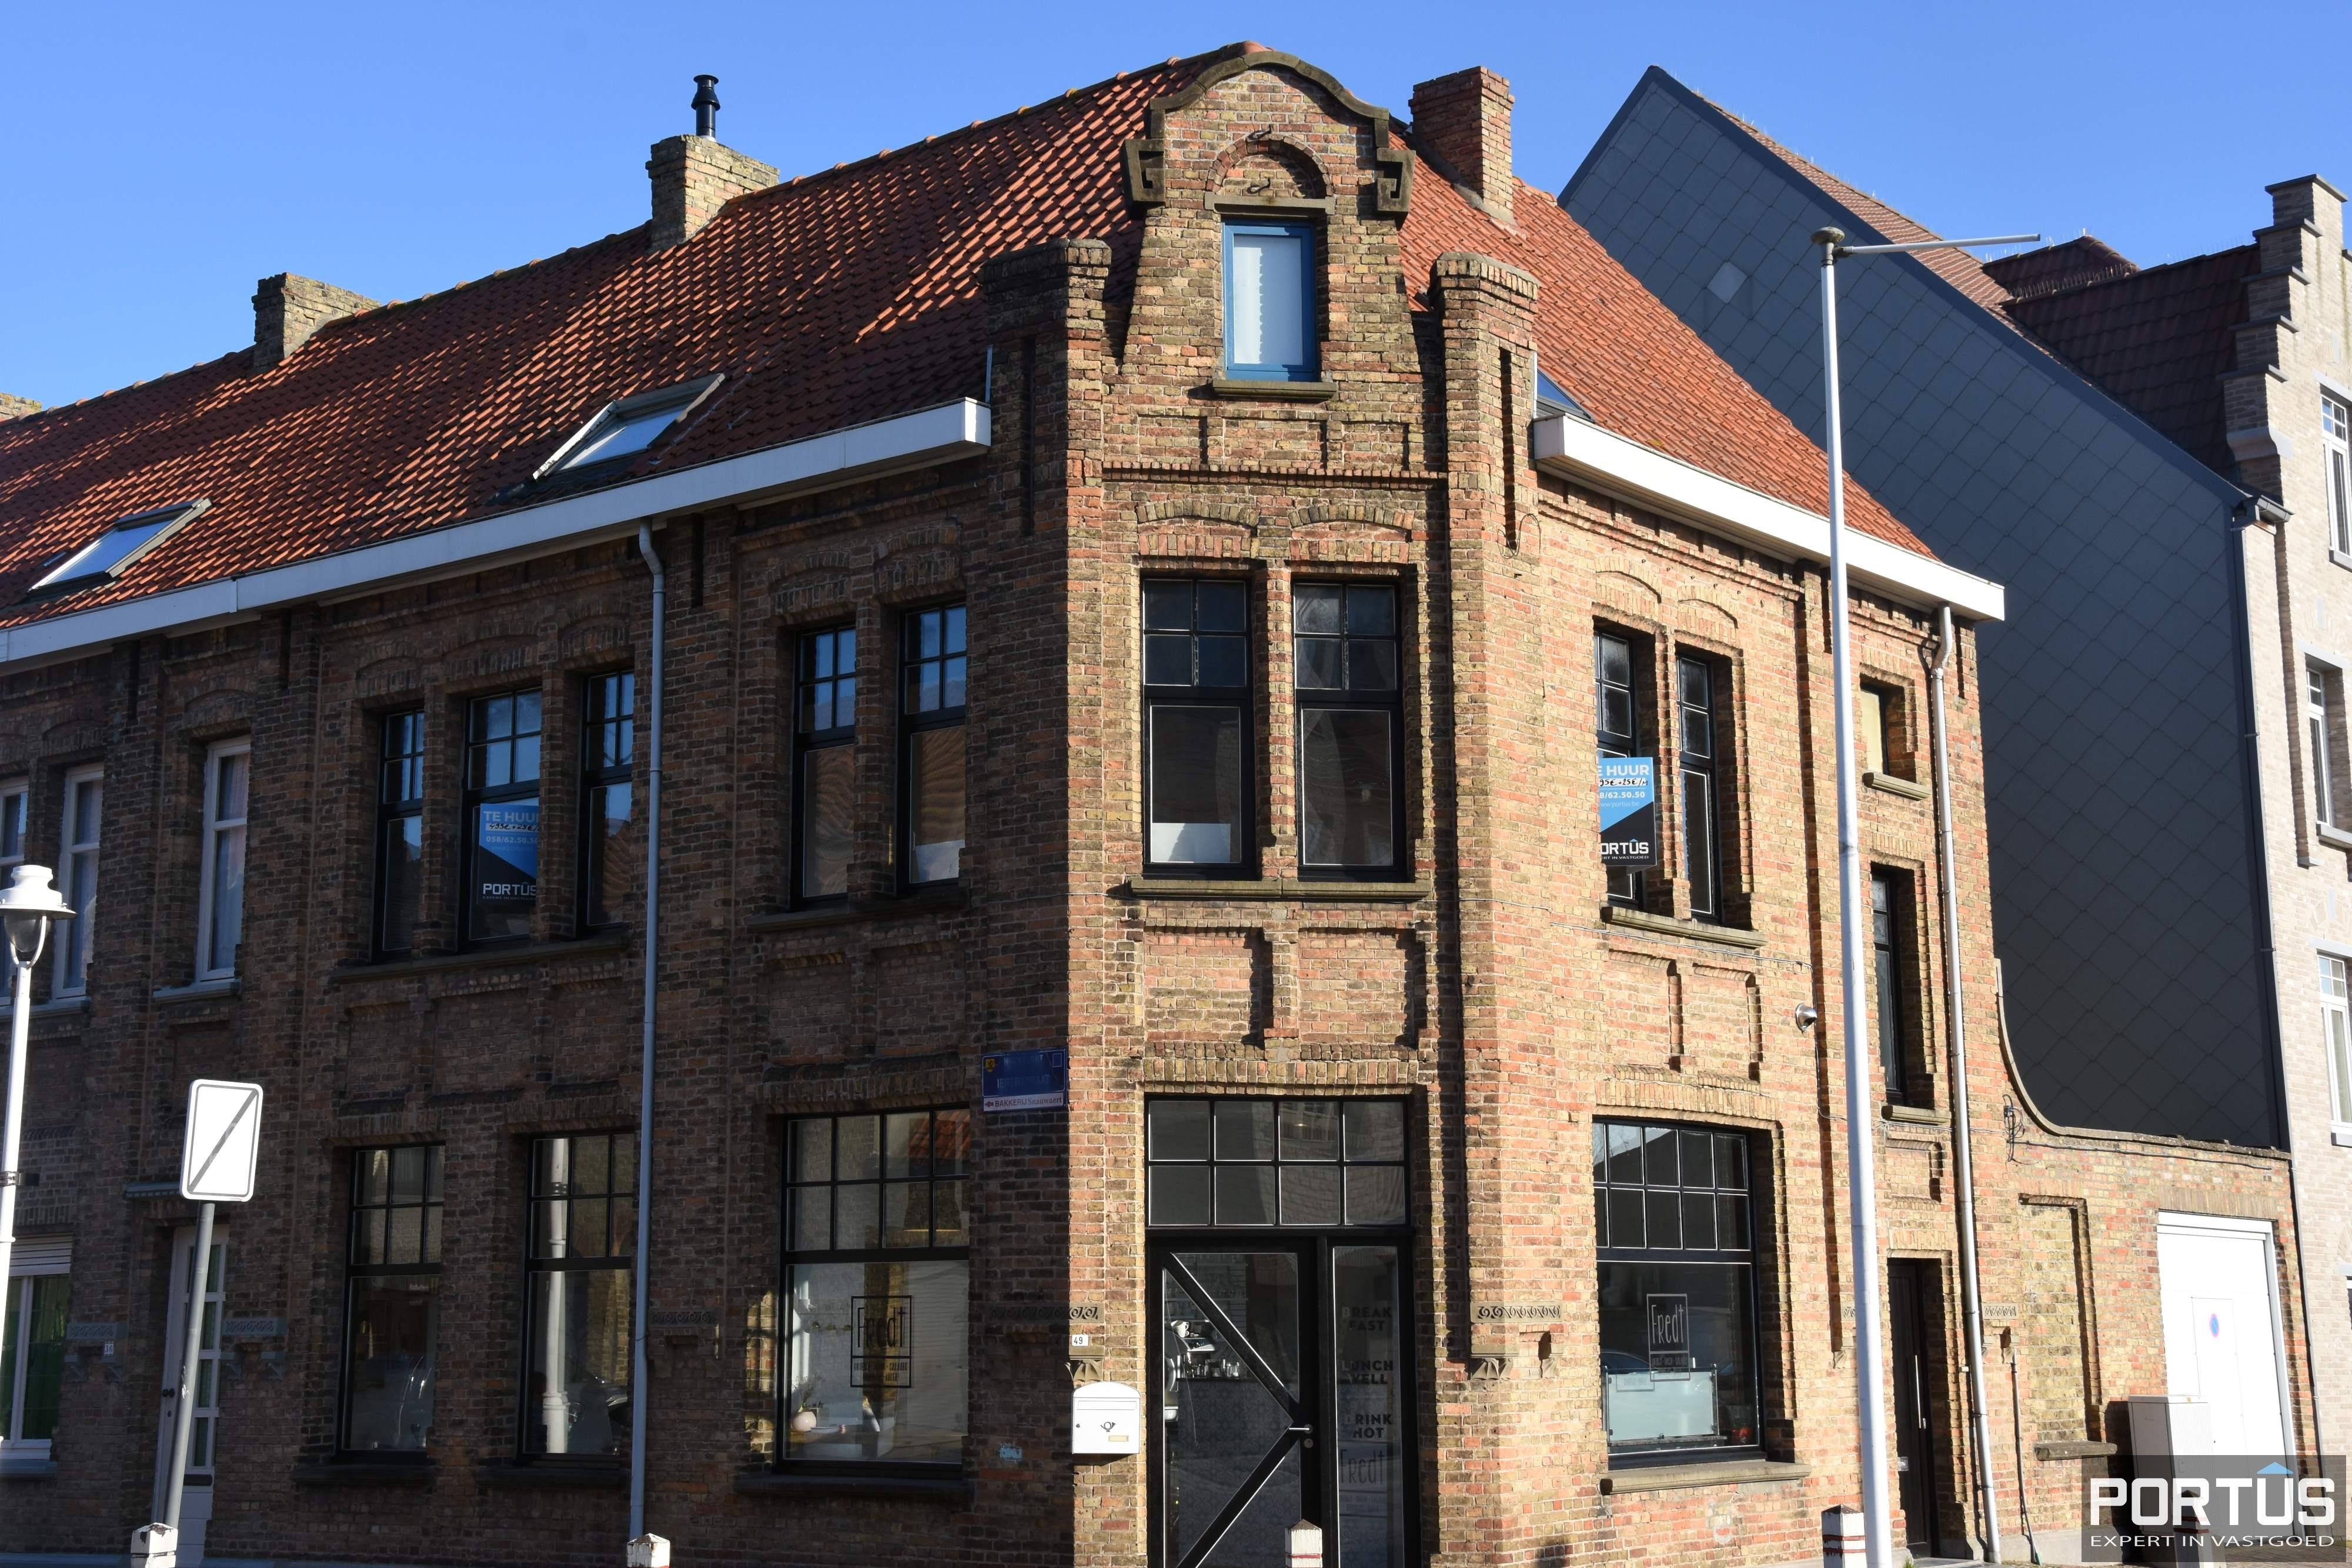 Appartement te huur nieuwpoort portus nieuwpoort for Appartement te huur zonhoven